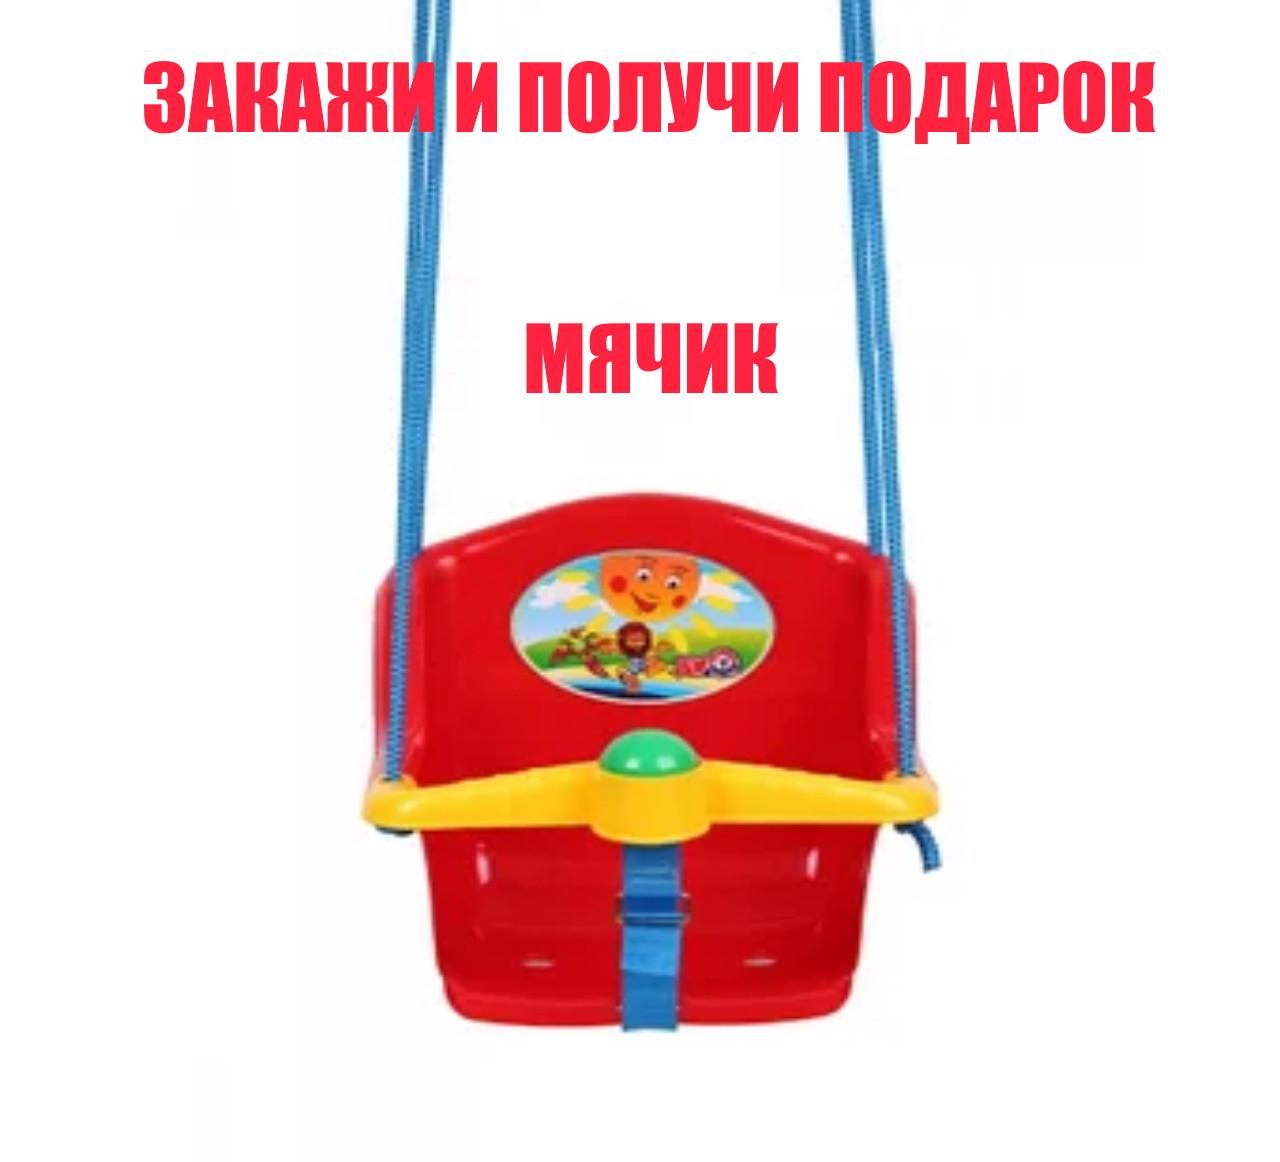 Качеля дитяча з пискавкою Технок 1790 Сонечко Червона пластикова підвісна гойдалка